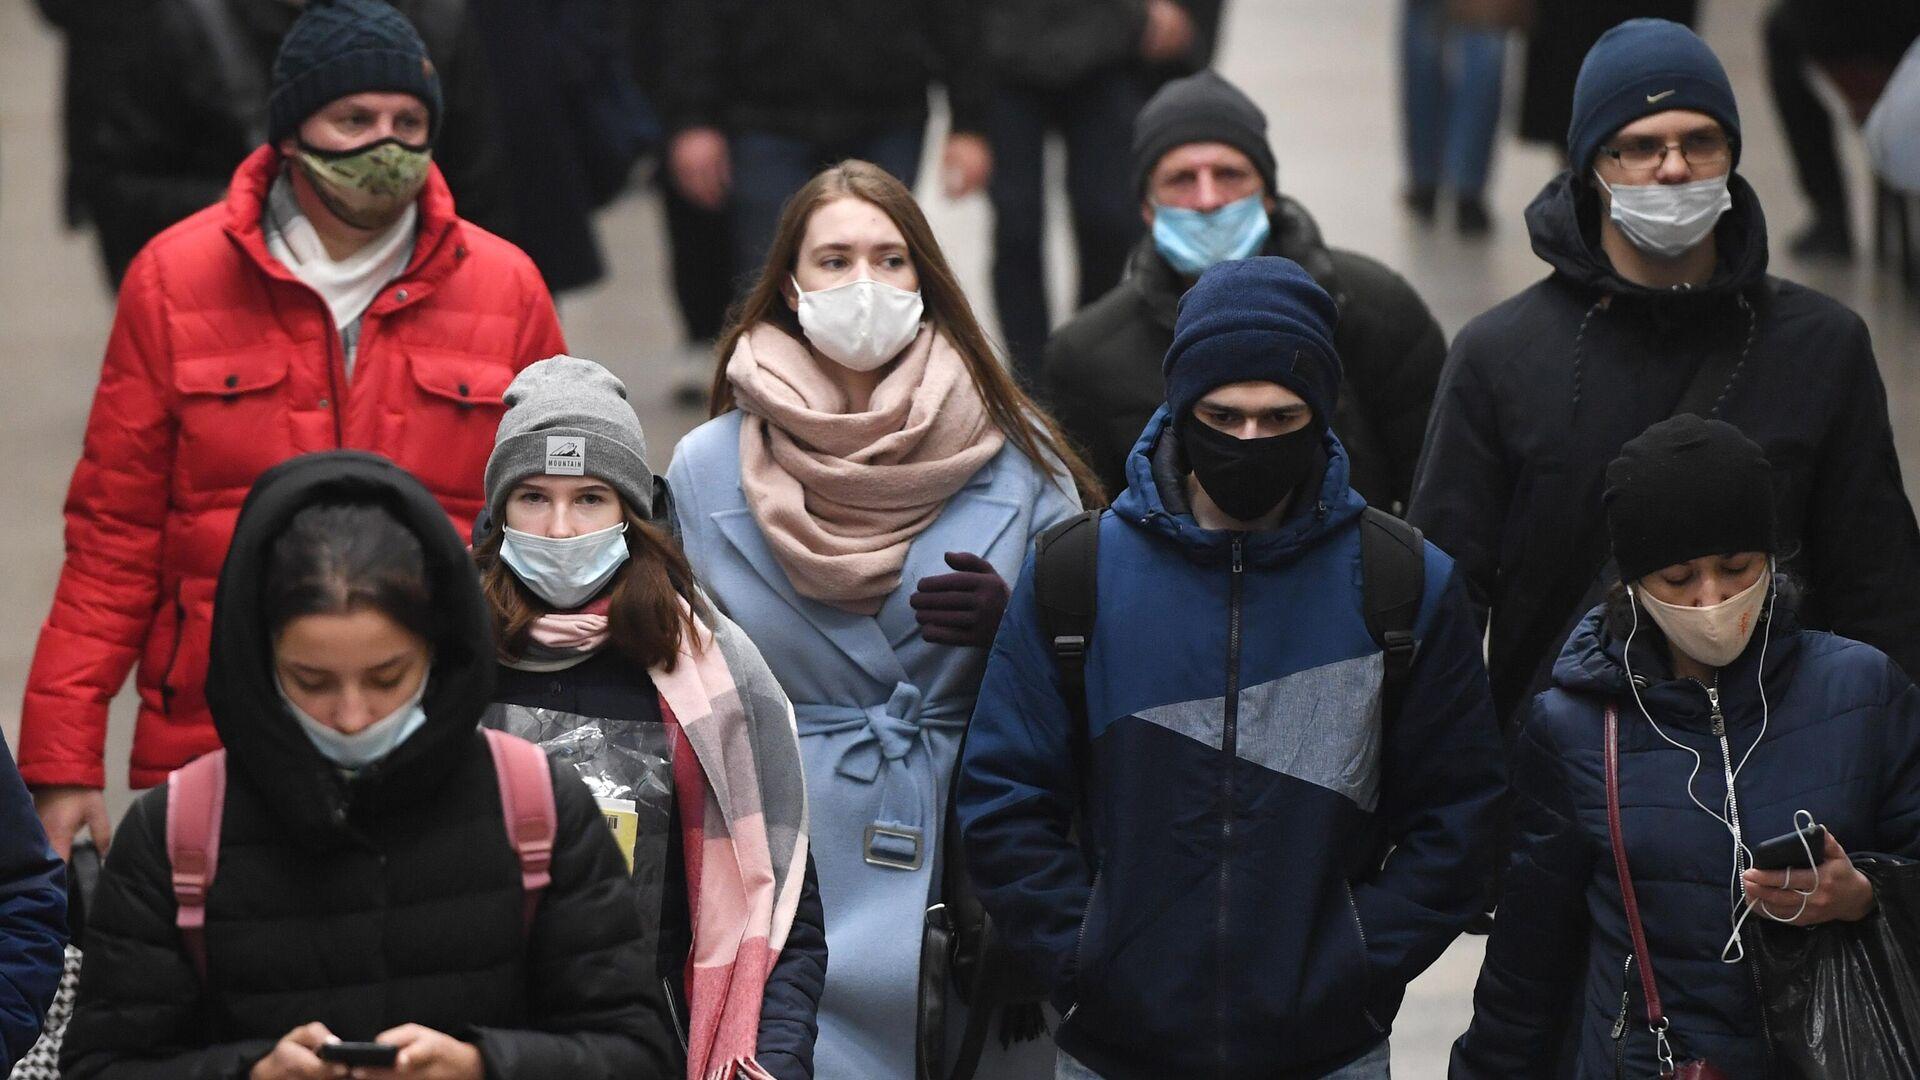 Пассажиры в защитных масках в метрополитене Новосибирска - РИА Новости, 1920, 23.10.2020